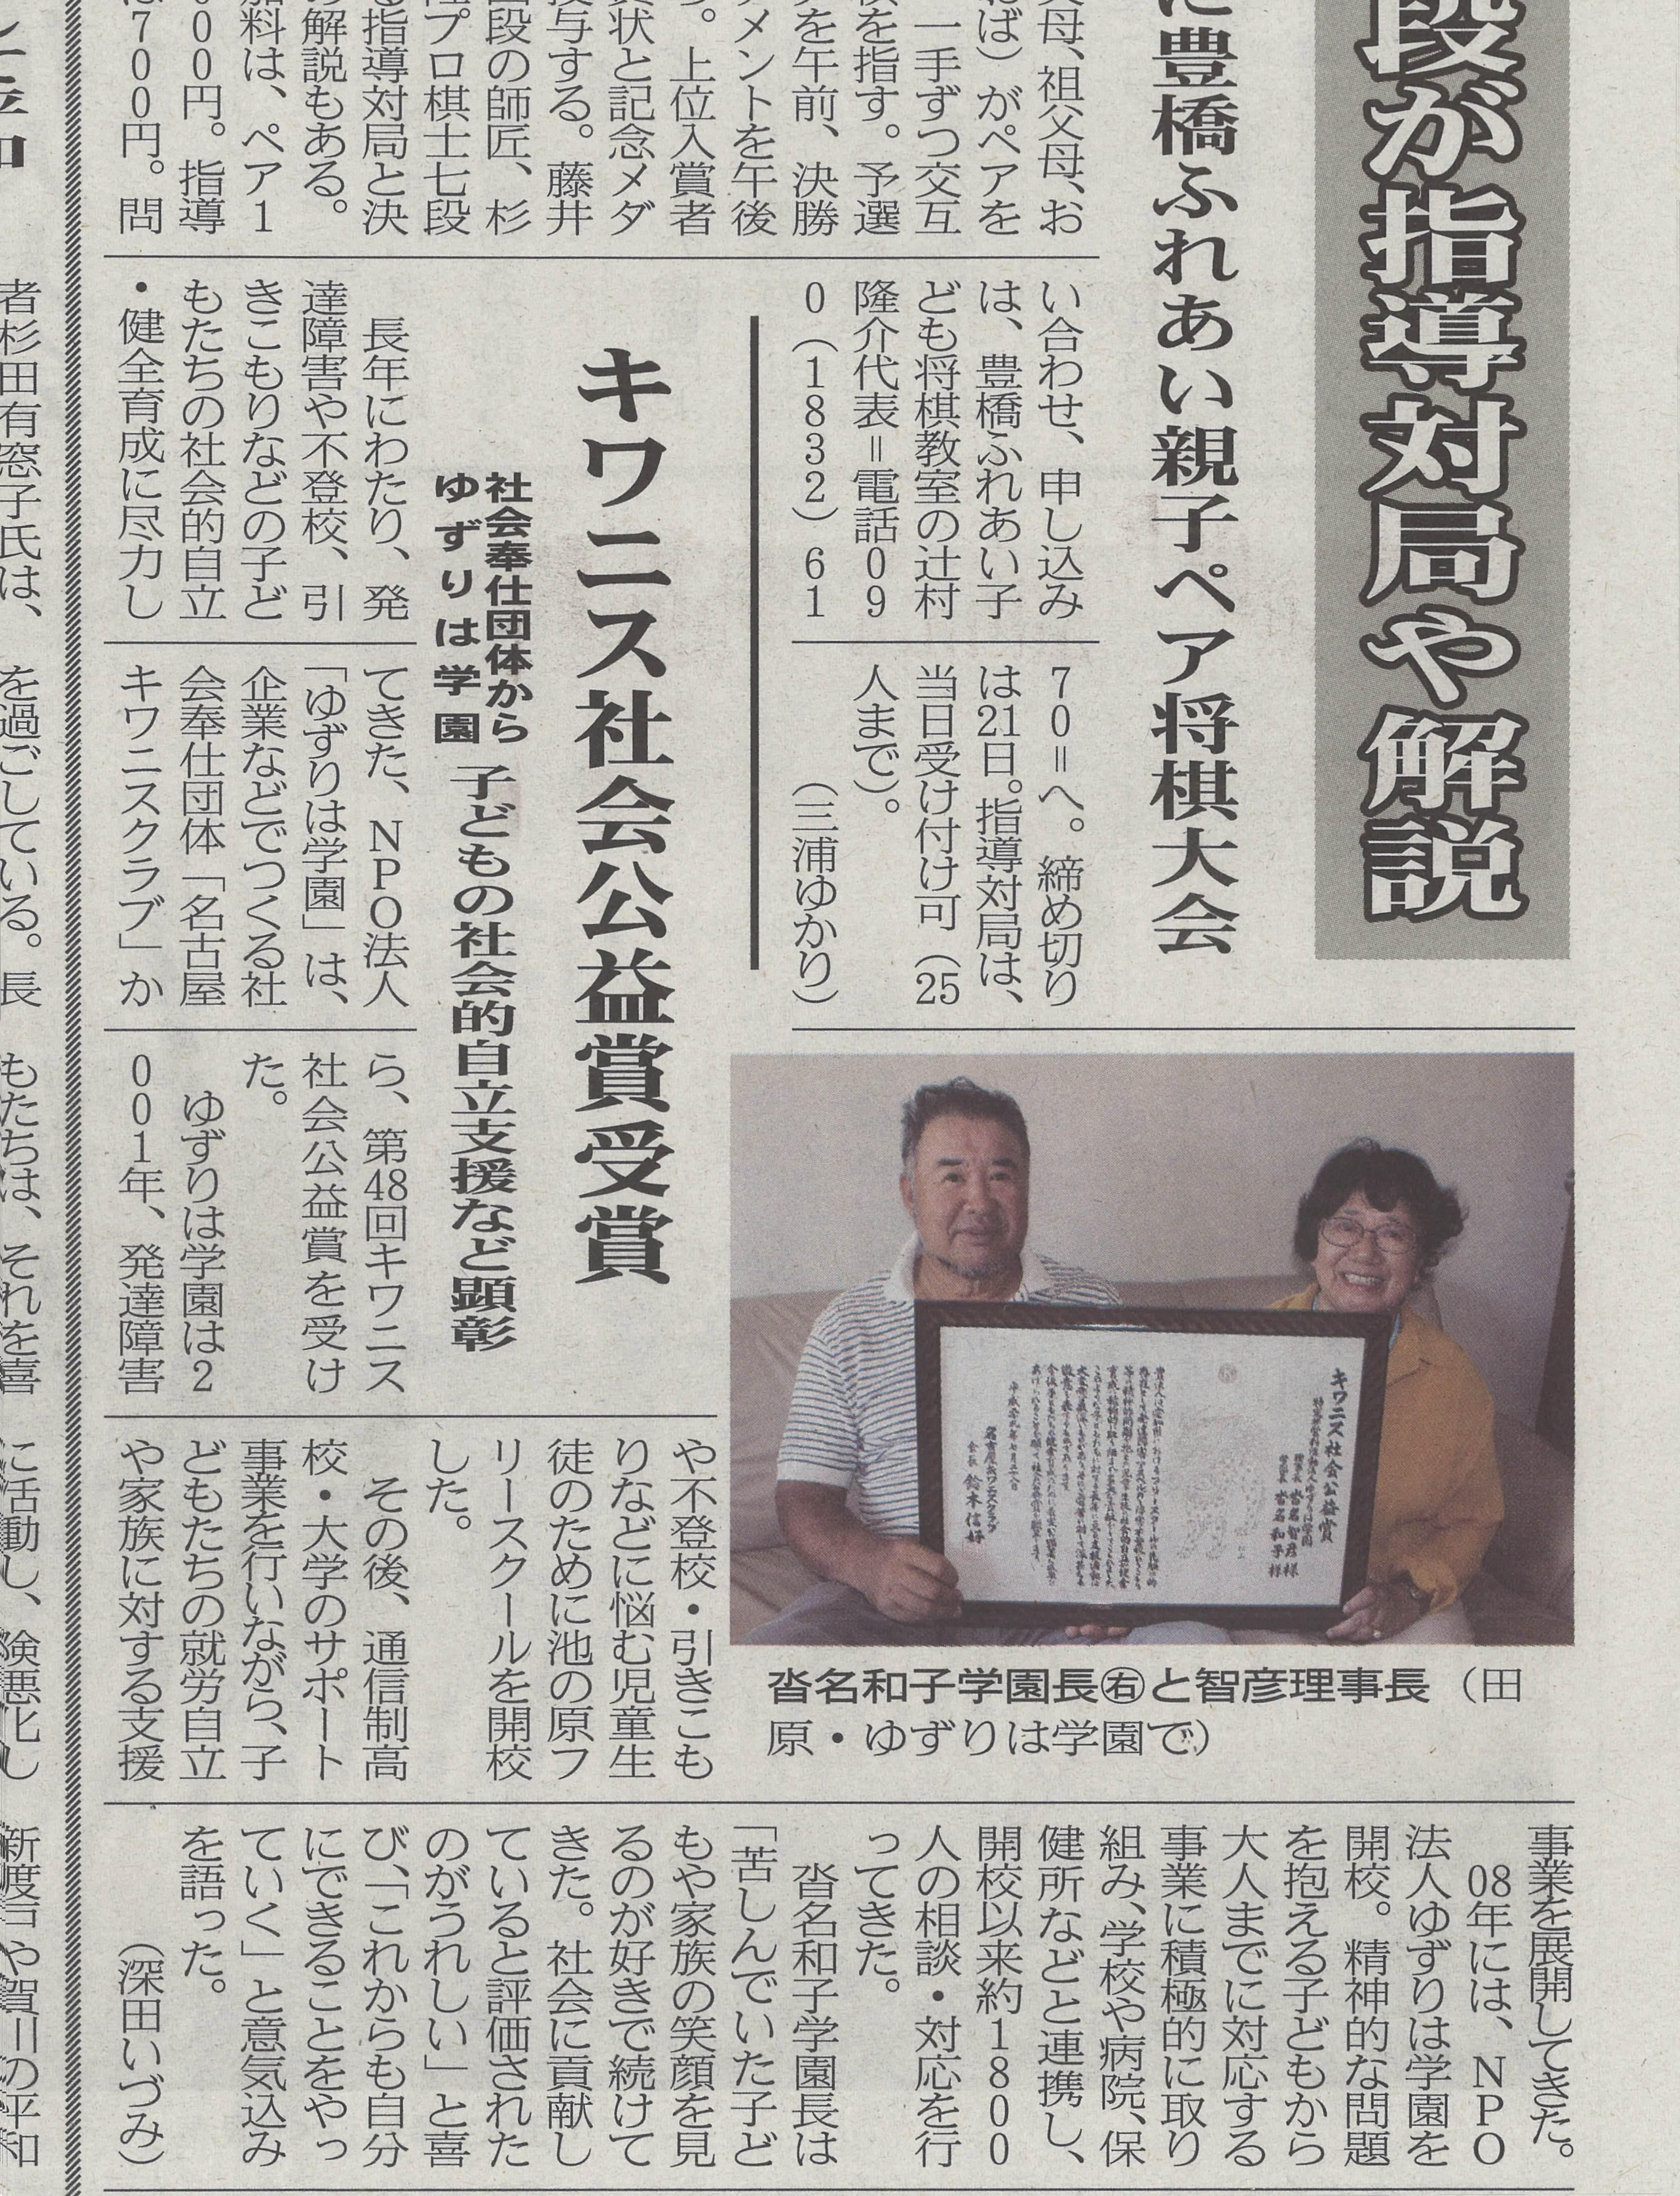 052_東日新聞掲載「キワニス社会公益賞受賞」